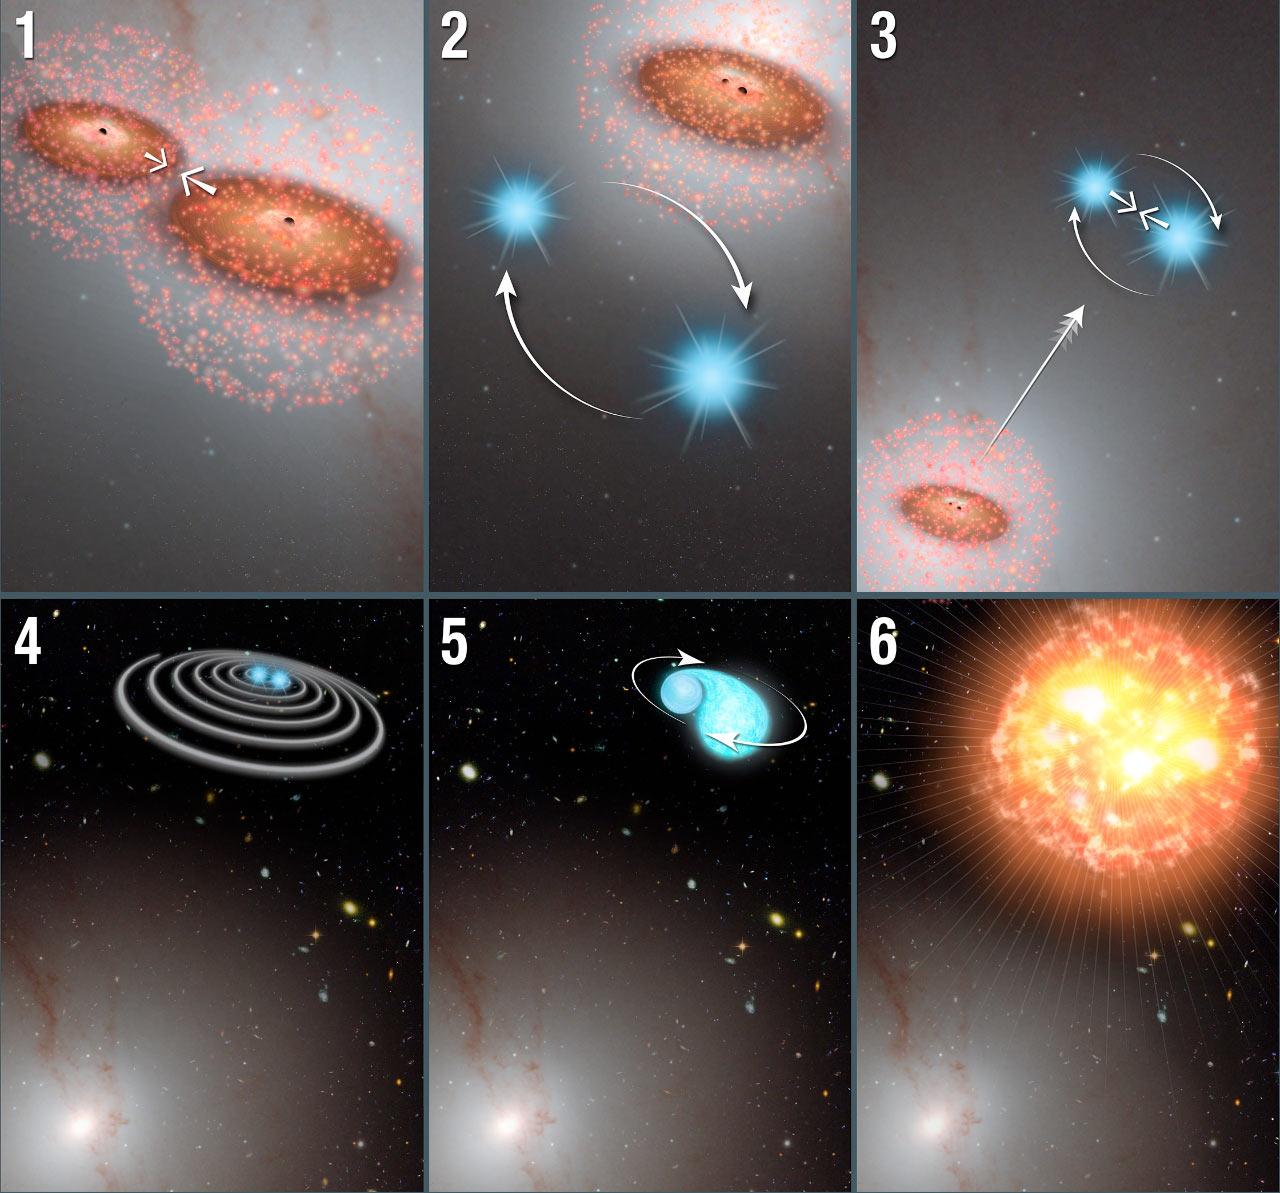 تصویری از فرایند بیرون رانده شدن ستارگان و سناریویی محتمل برای انفجار ابرنواختریشان. توضیحات بیشتر در انتهای متن